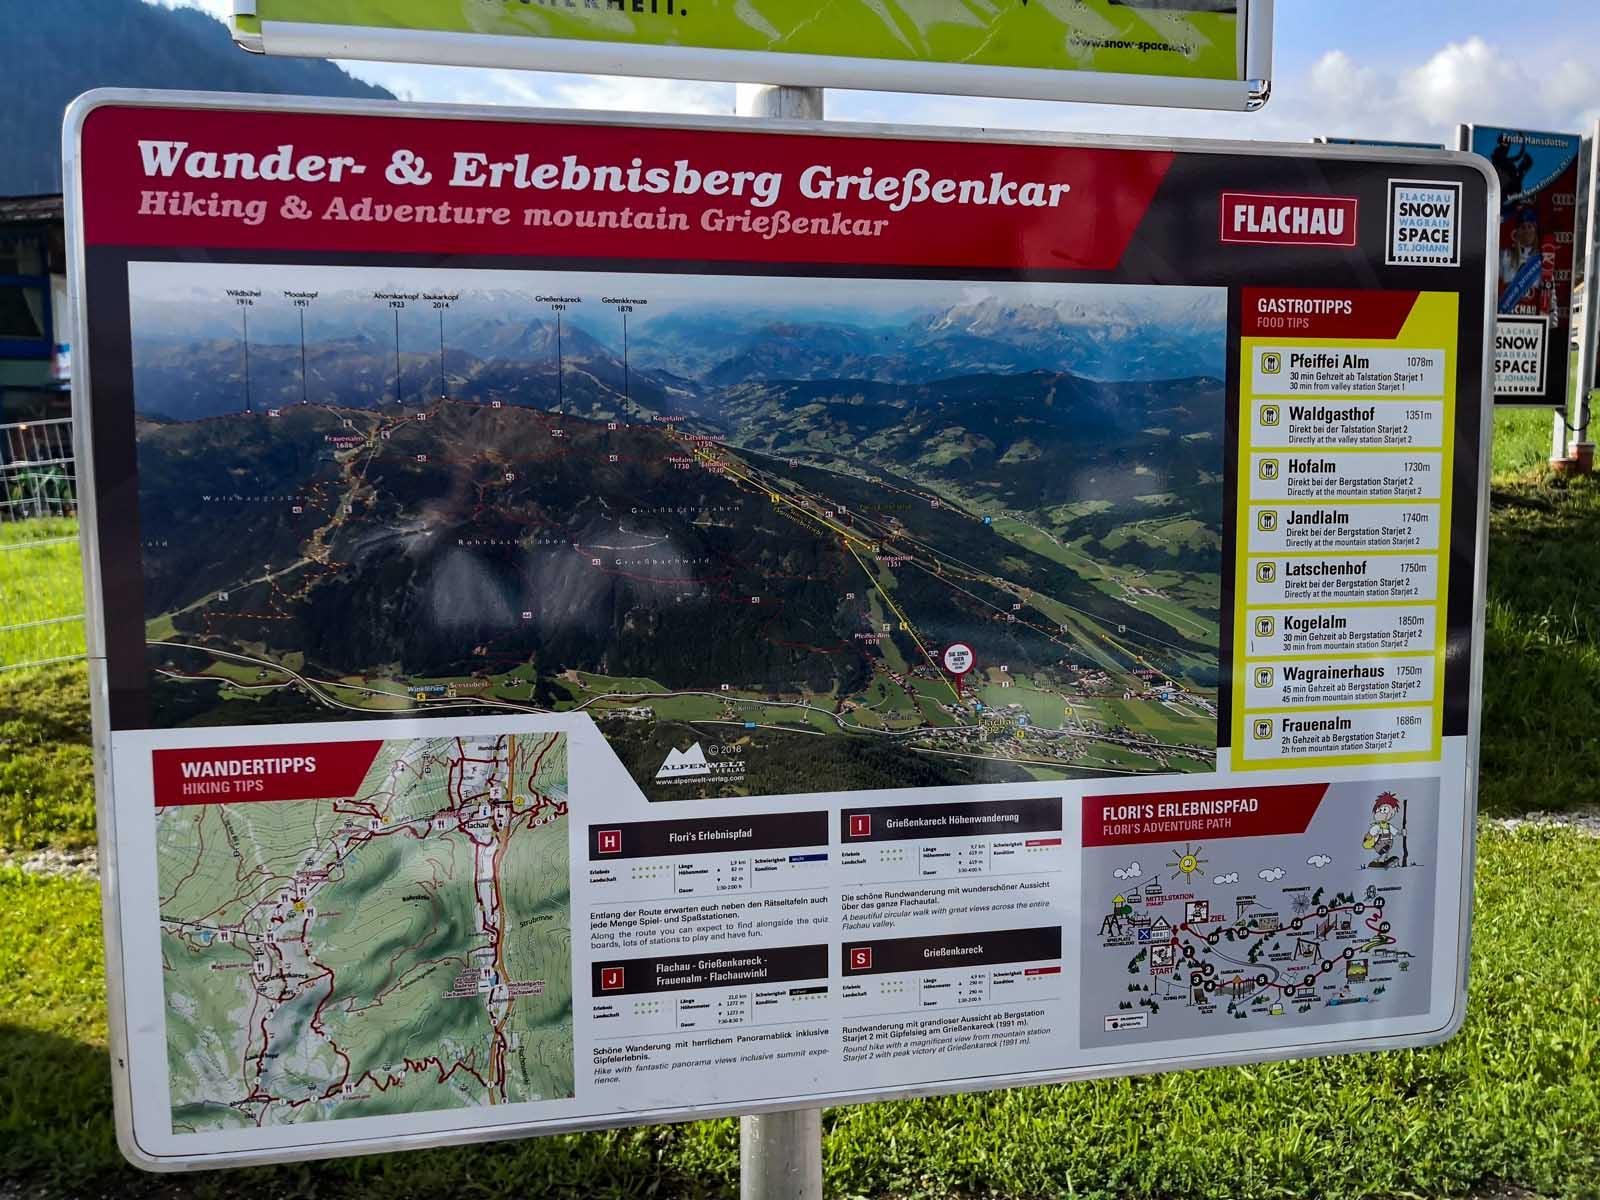 Grießenkar, Saukarfunktel, Grießenkaralmen in Salzburg